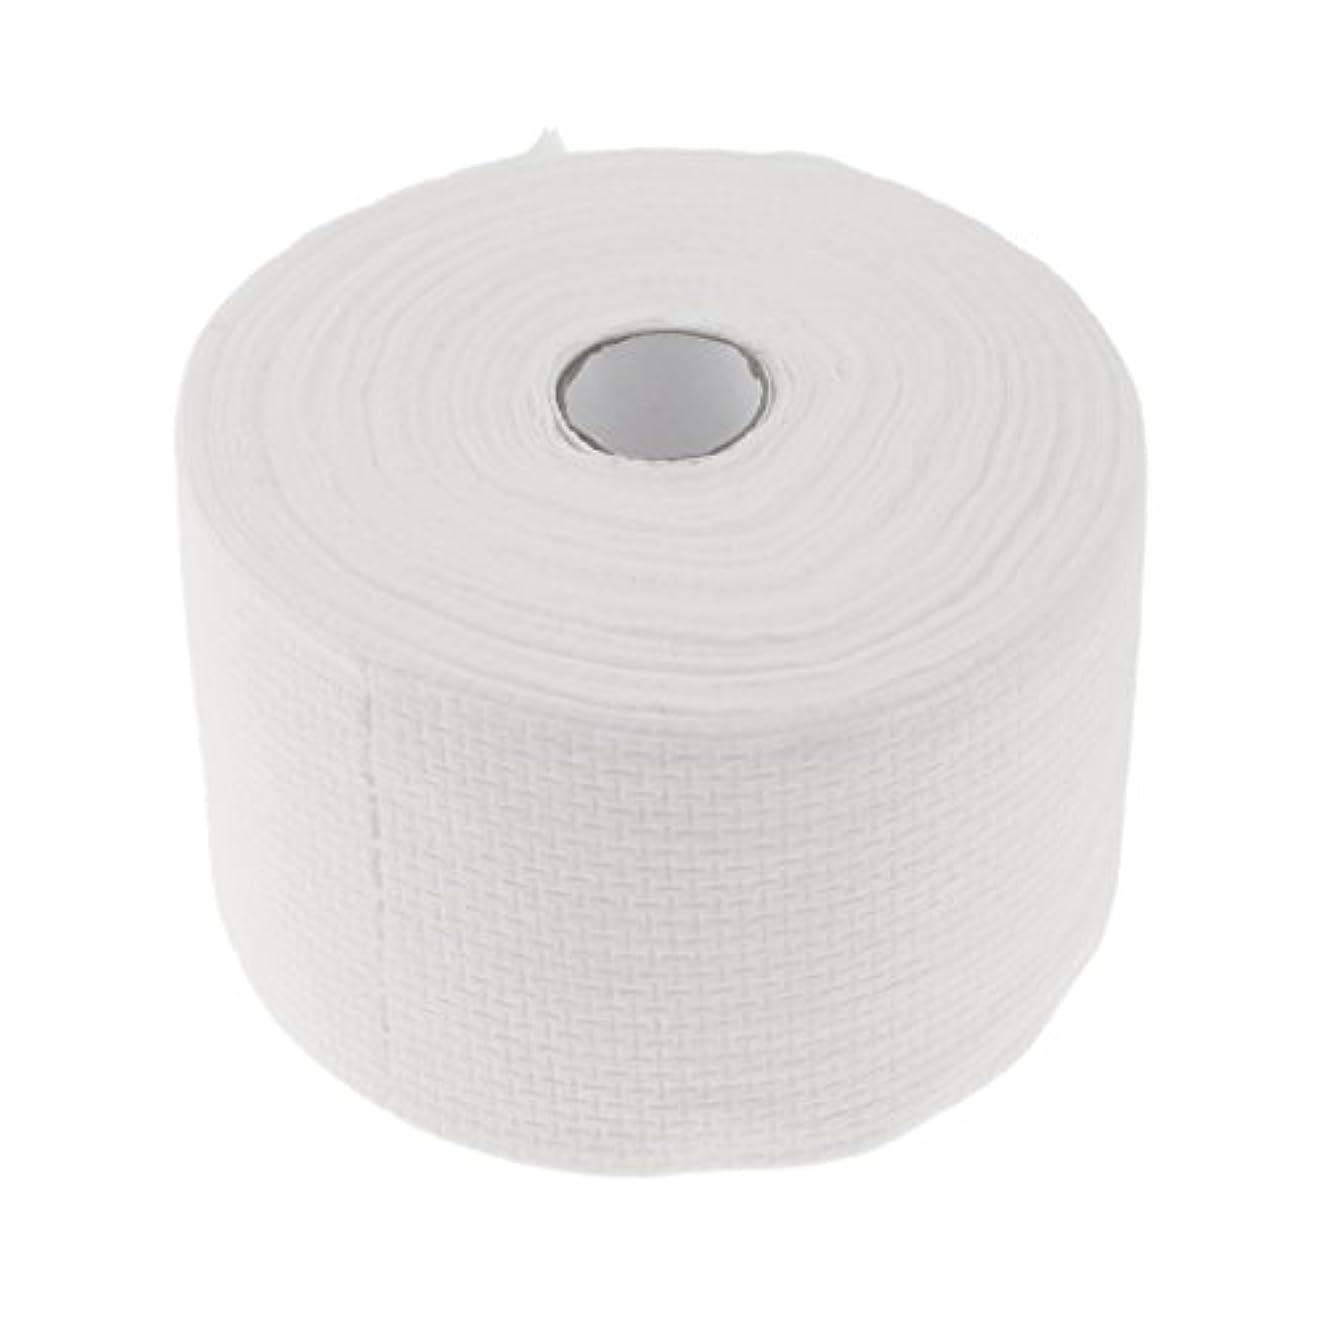 帆解説浸透するPerfeclan ロール式 使い捨て フェイシャルタオル 30M 使い捨てタオル 繊維 クレンジング フェイシャル メイクリムーバー 2タイプ選べる - #1